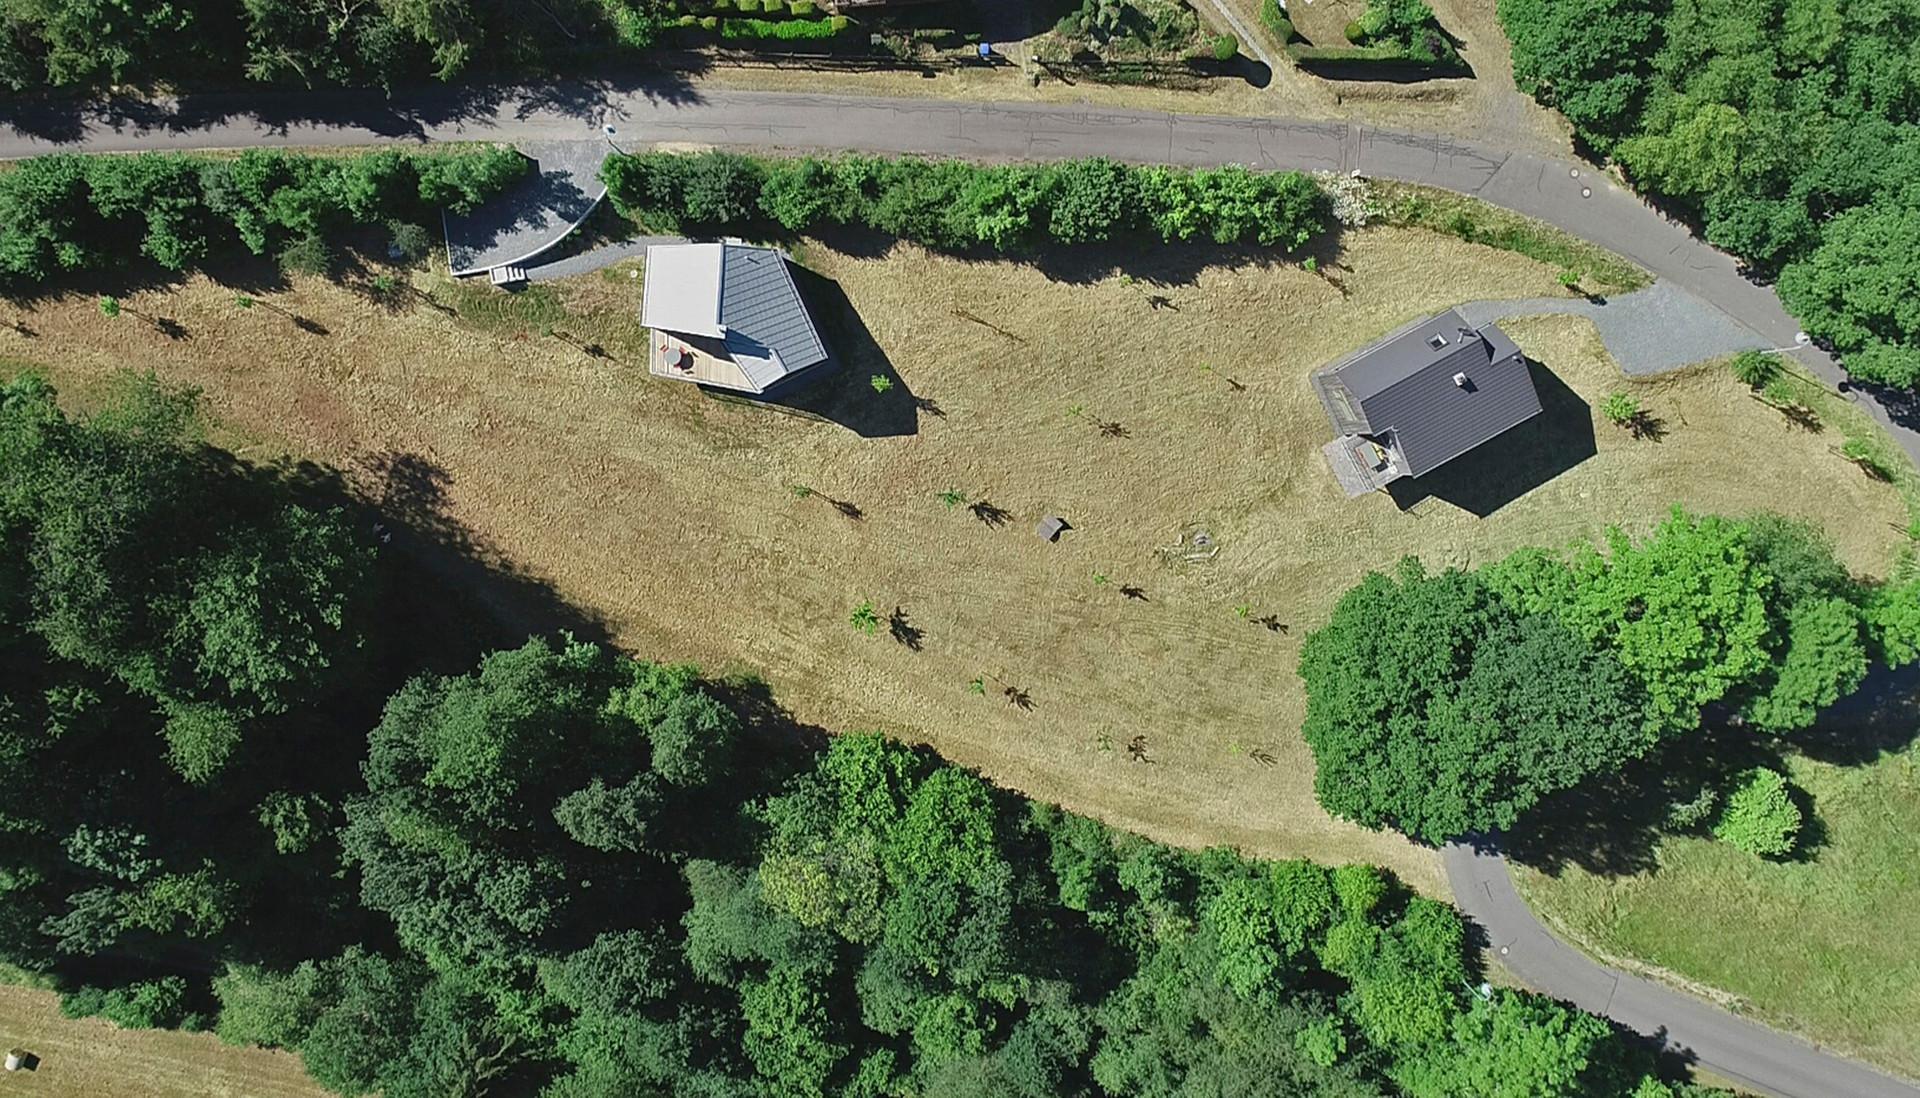 Luftbild03.jpg